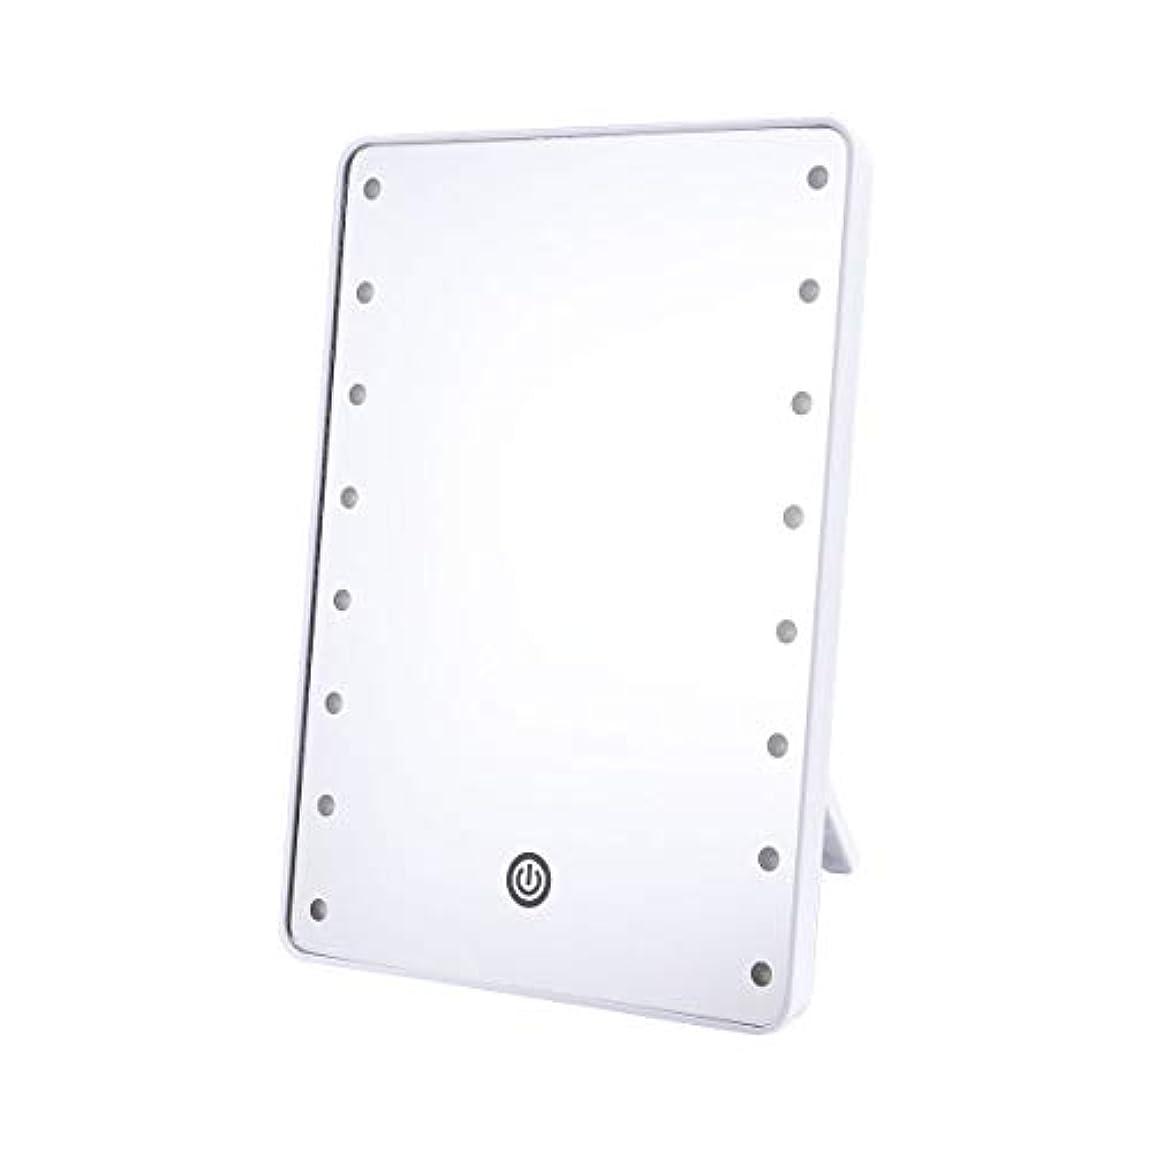 毎週海峡解明Frcolor 化粧鏡 卓上ミラー LEDライトミラー 16灯 スタンドミラー 角度調整可能 女優ミラー 電池給電 メイクアップミラー プレゼント(ホワイト)